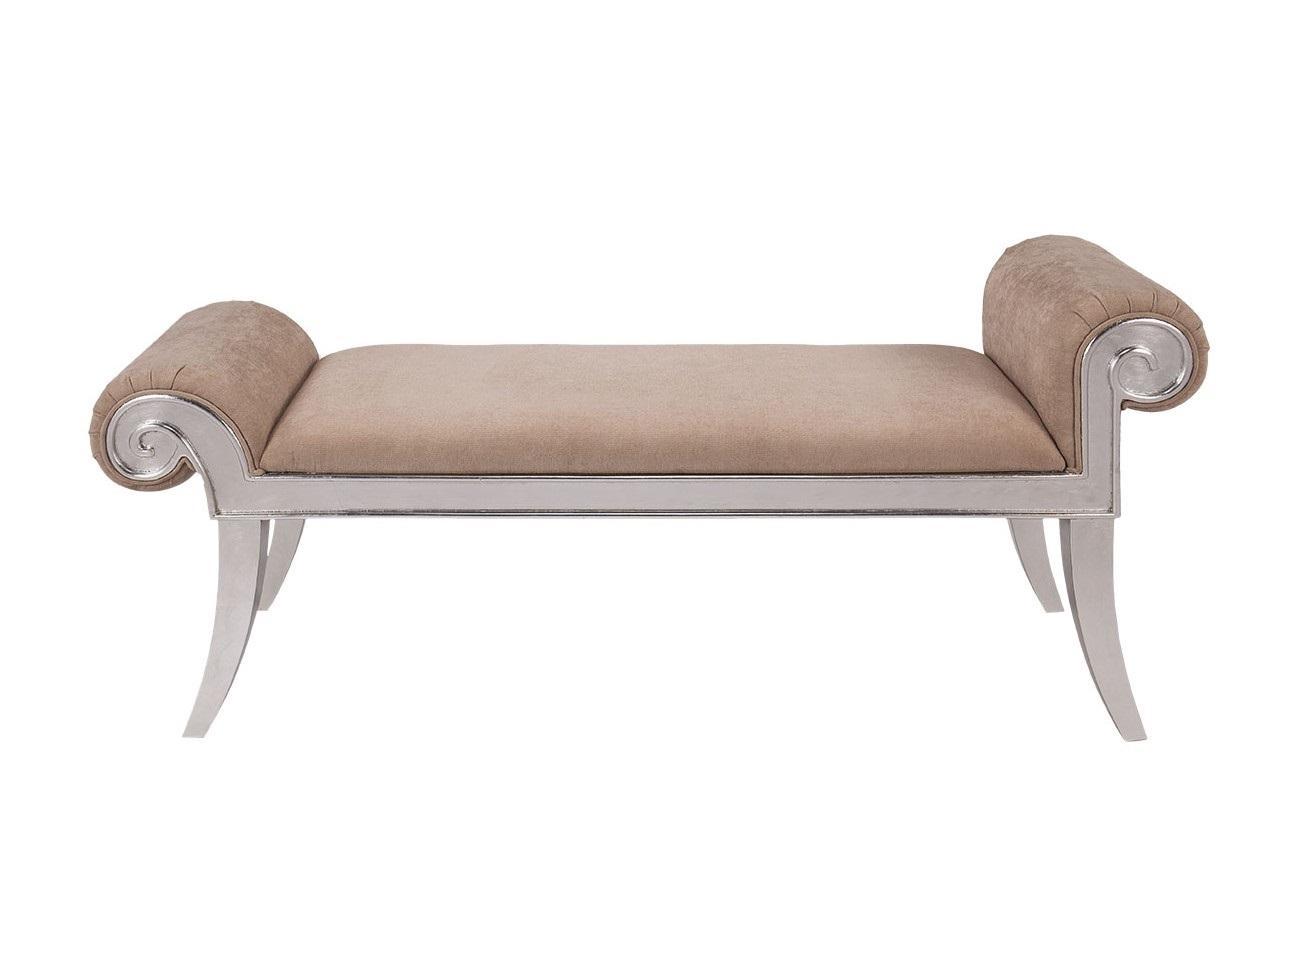 БанкеткаБанкетки<br>Материал: мдф, бархат, мебельный поролон<br><br>Material: Текстиль<br>Ширина см: 152<br>Высота см: 47<br>Глубина см: 69